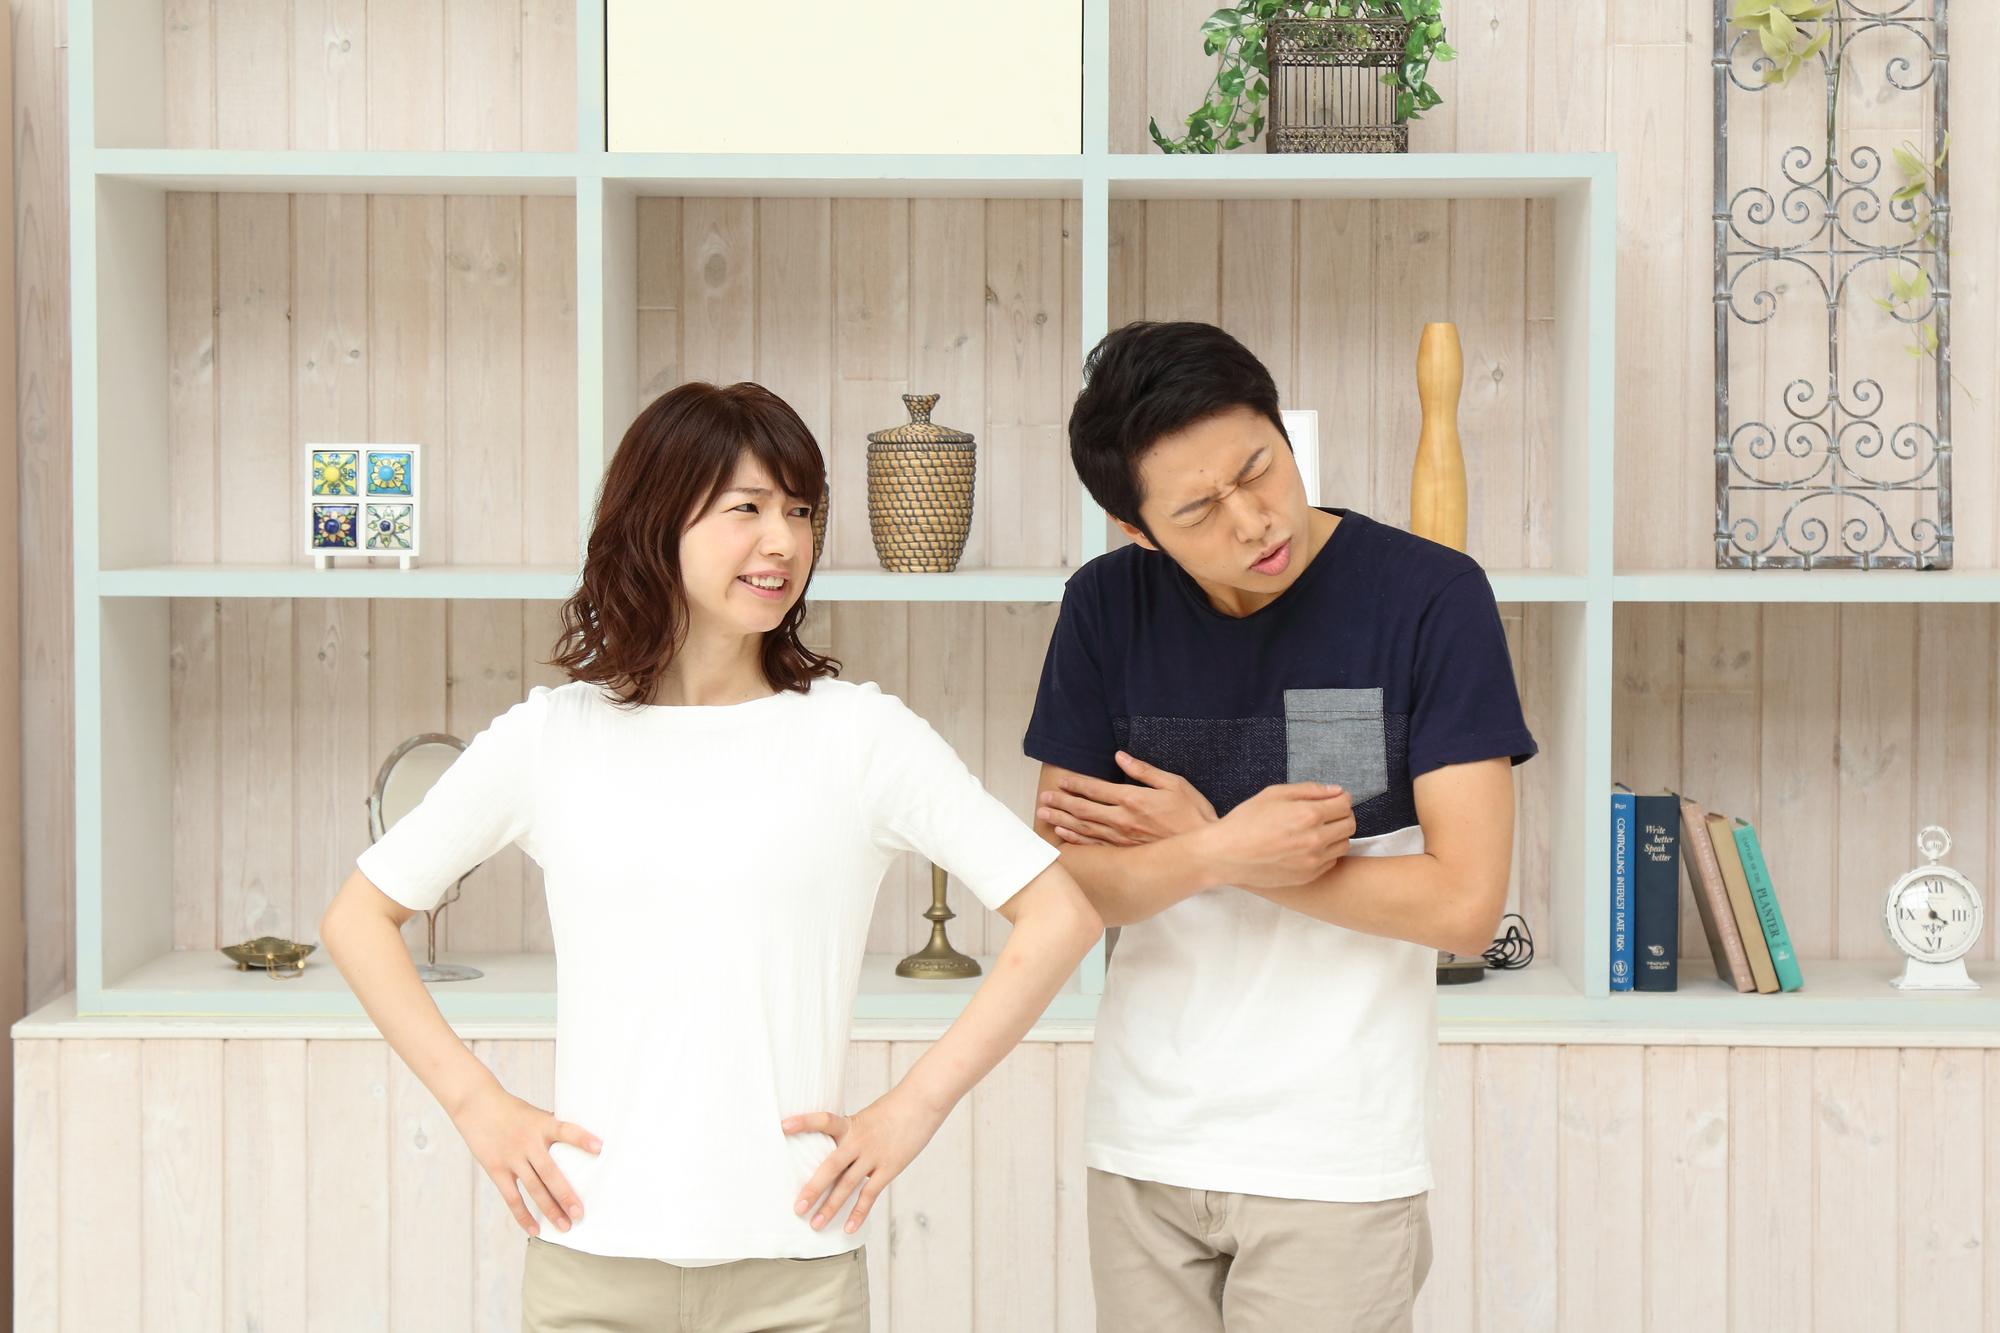 家を買うとき、夫婦で意見が分かれるのはどんなこと? マイホーム購入調査[1]